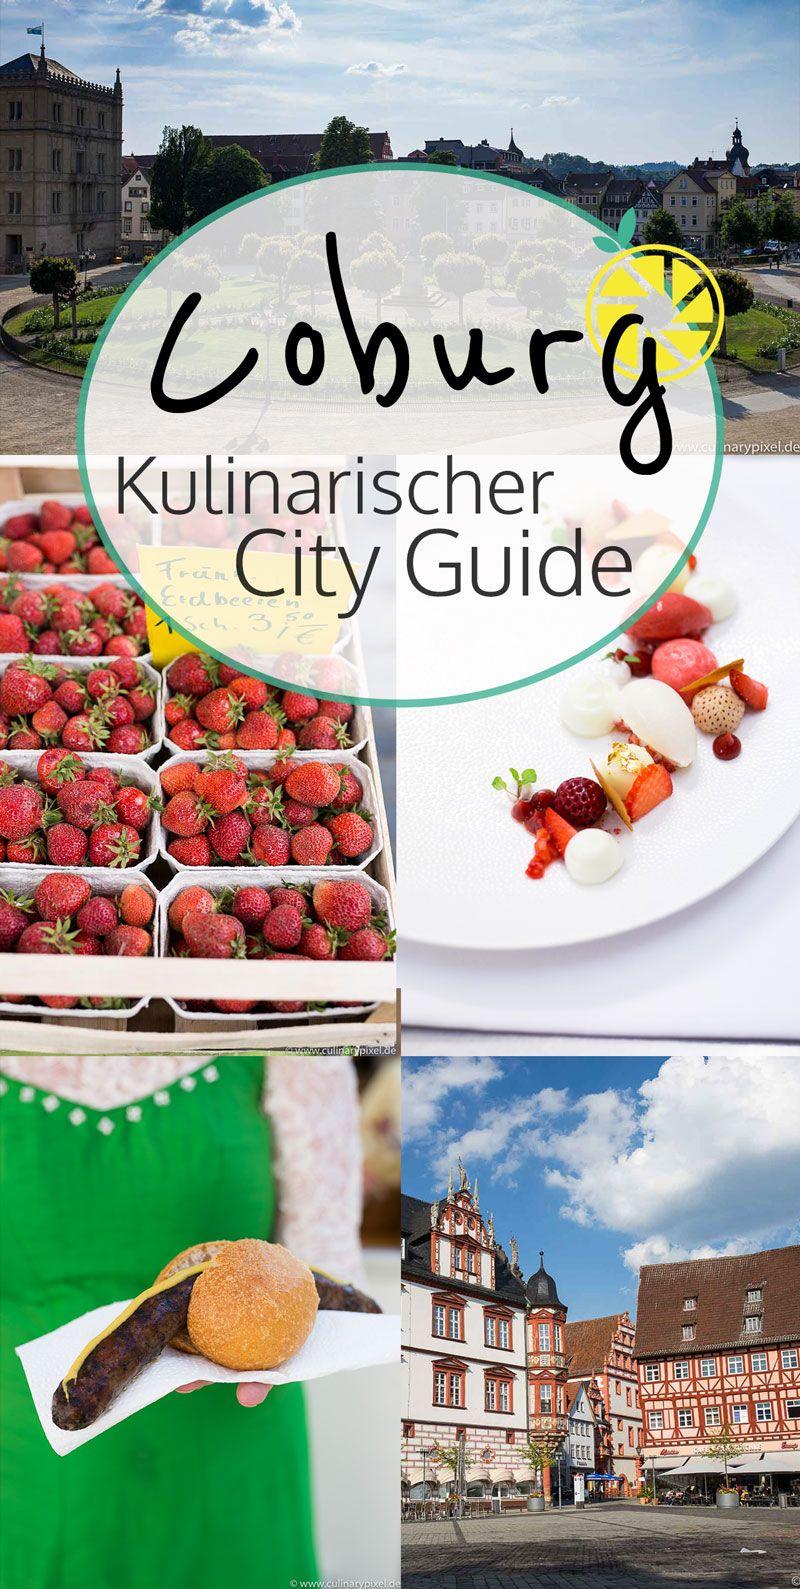 Coburg Kulinarischer City Guide Mit Vielen Empfehlungen Karte Kulinarisch Restaurant Coburg